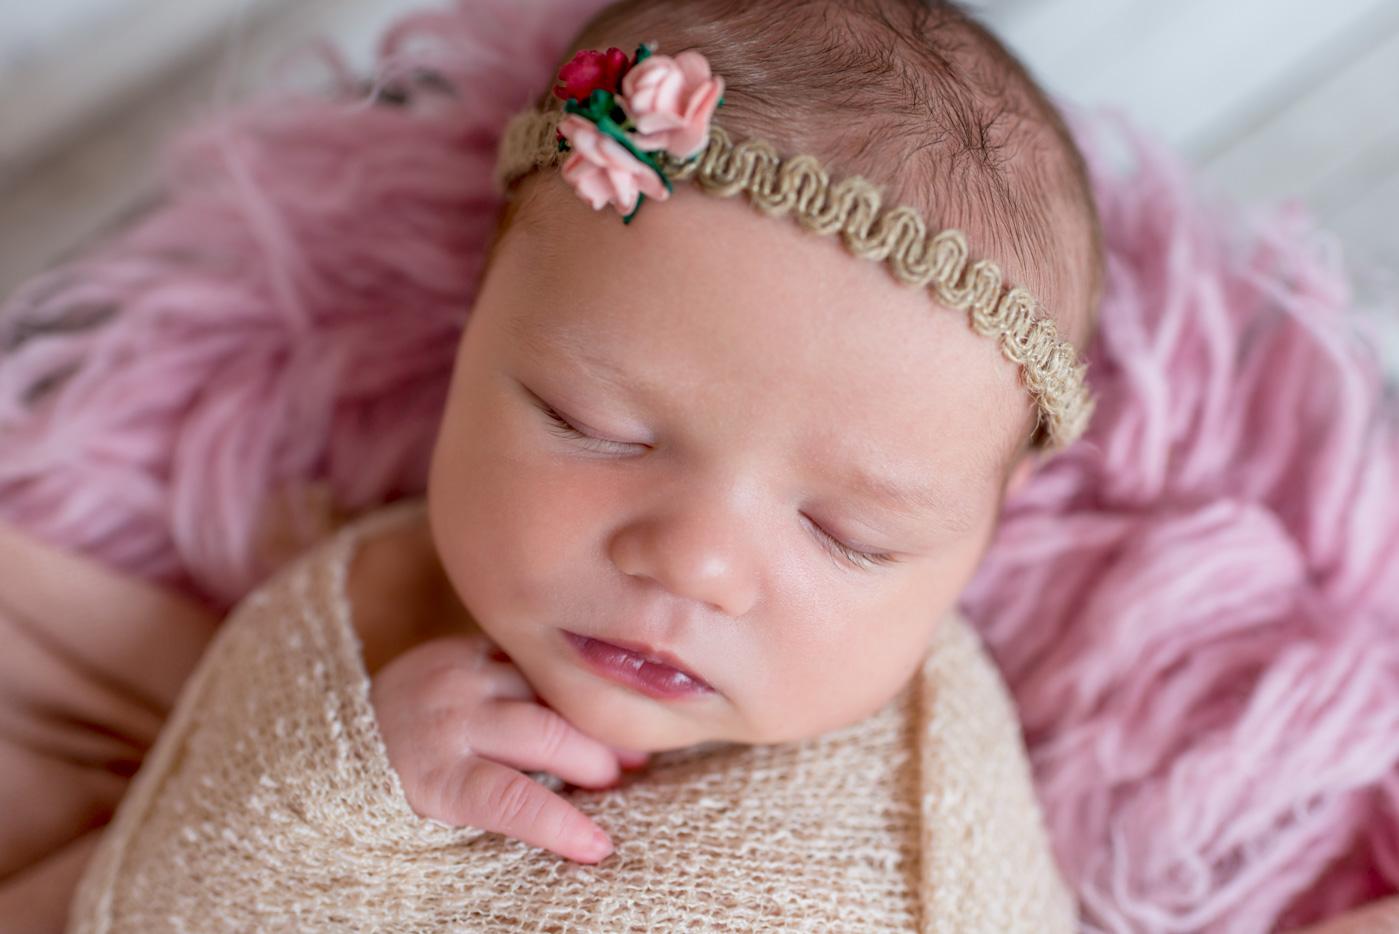 Shanone naissance 22.07.17 1400px--2